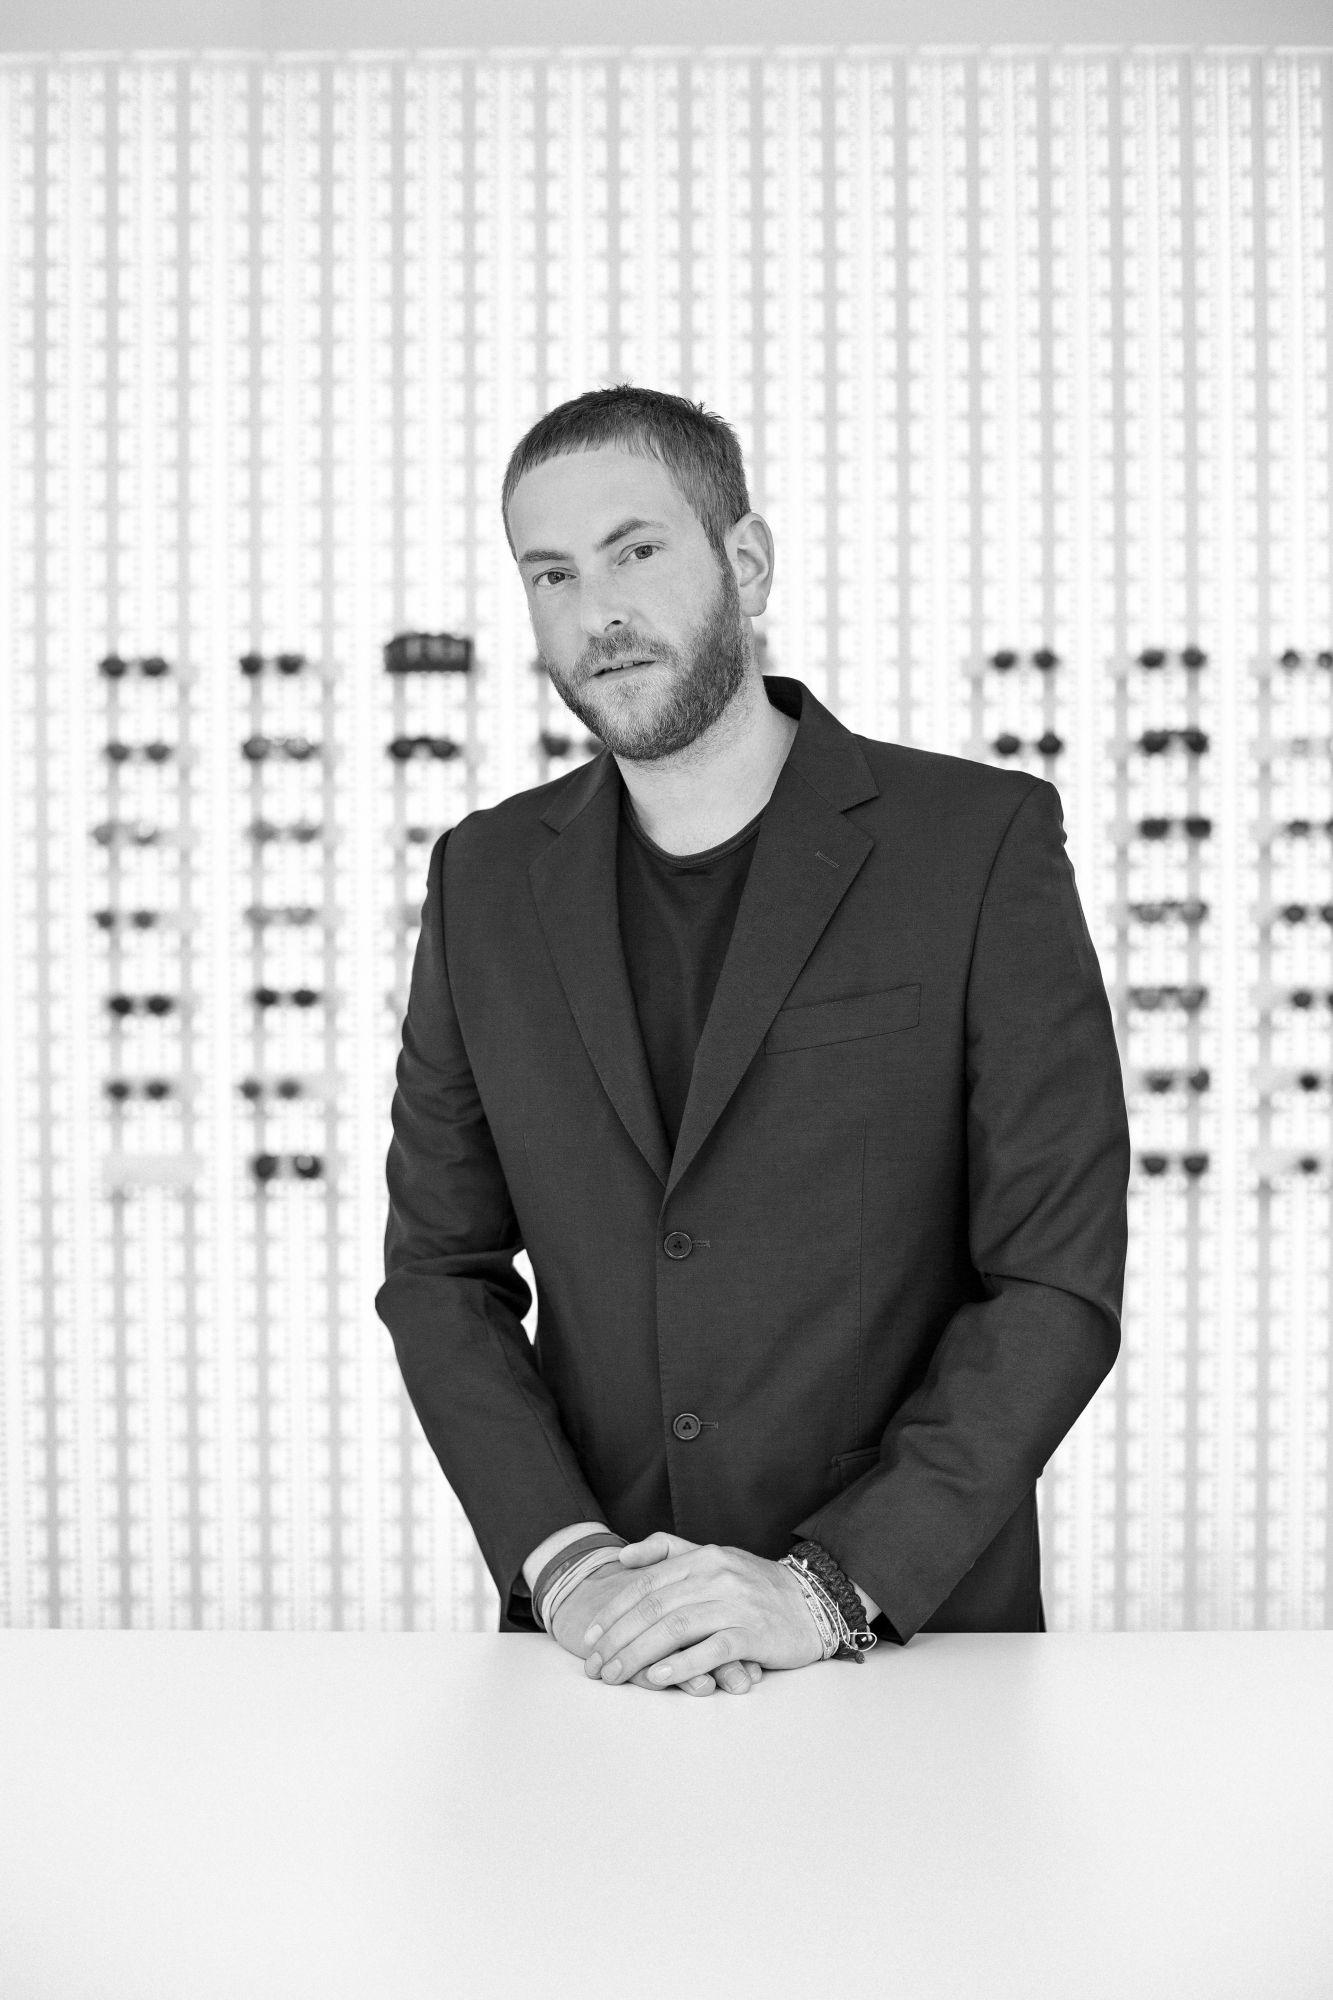 Mykita Founder Moritz Krueger Is Reinventing Eyewear